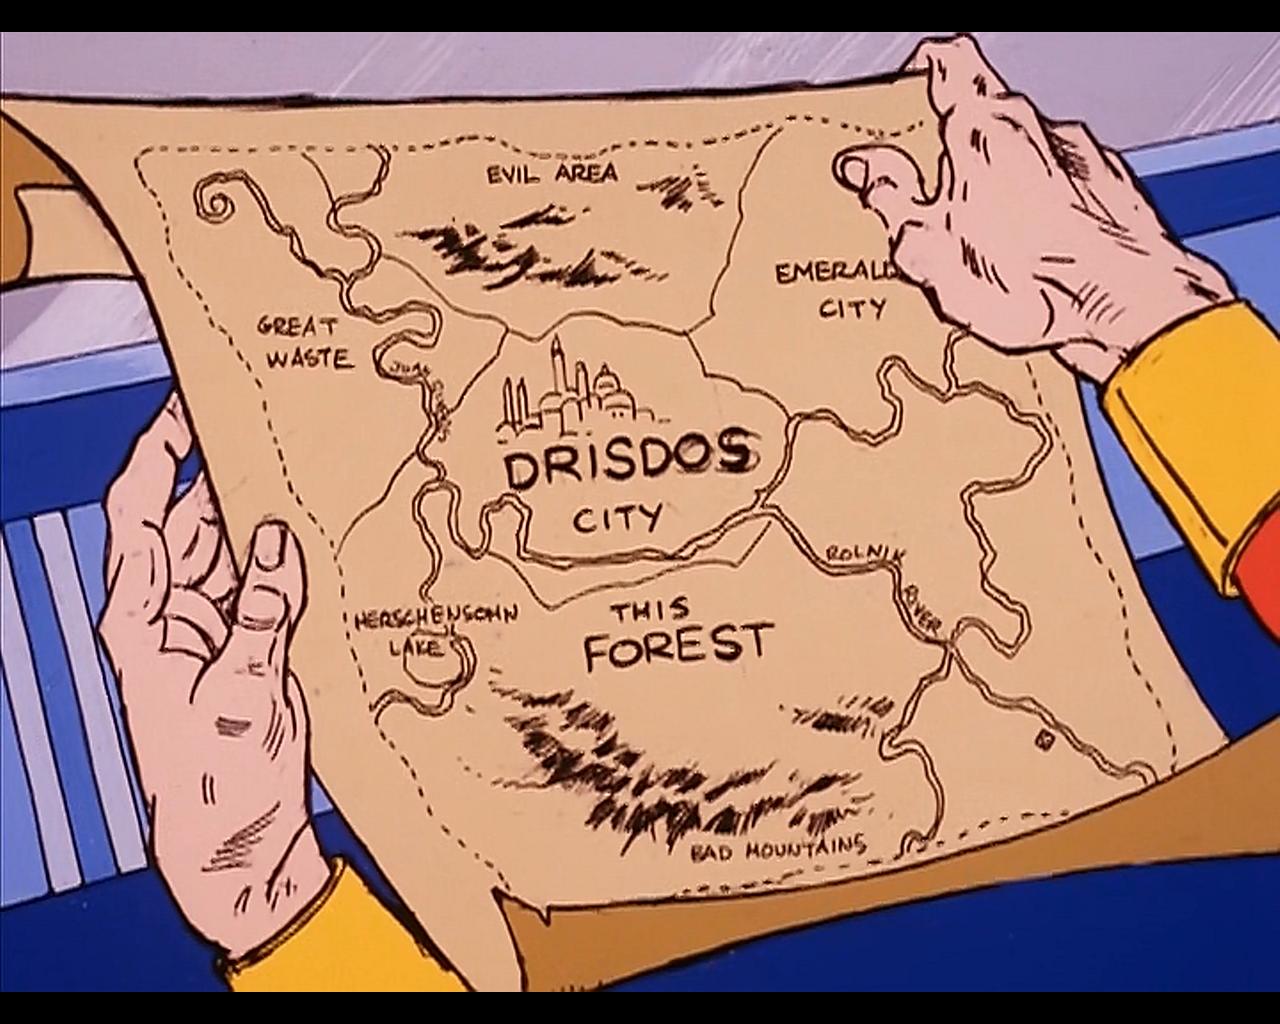 Drisdos City